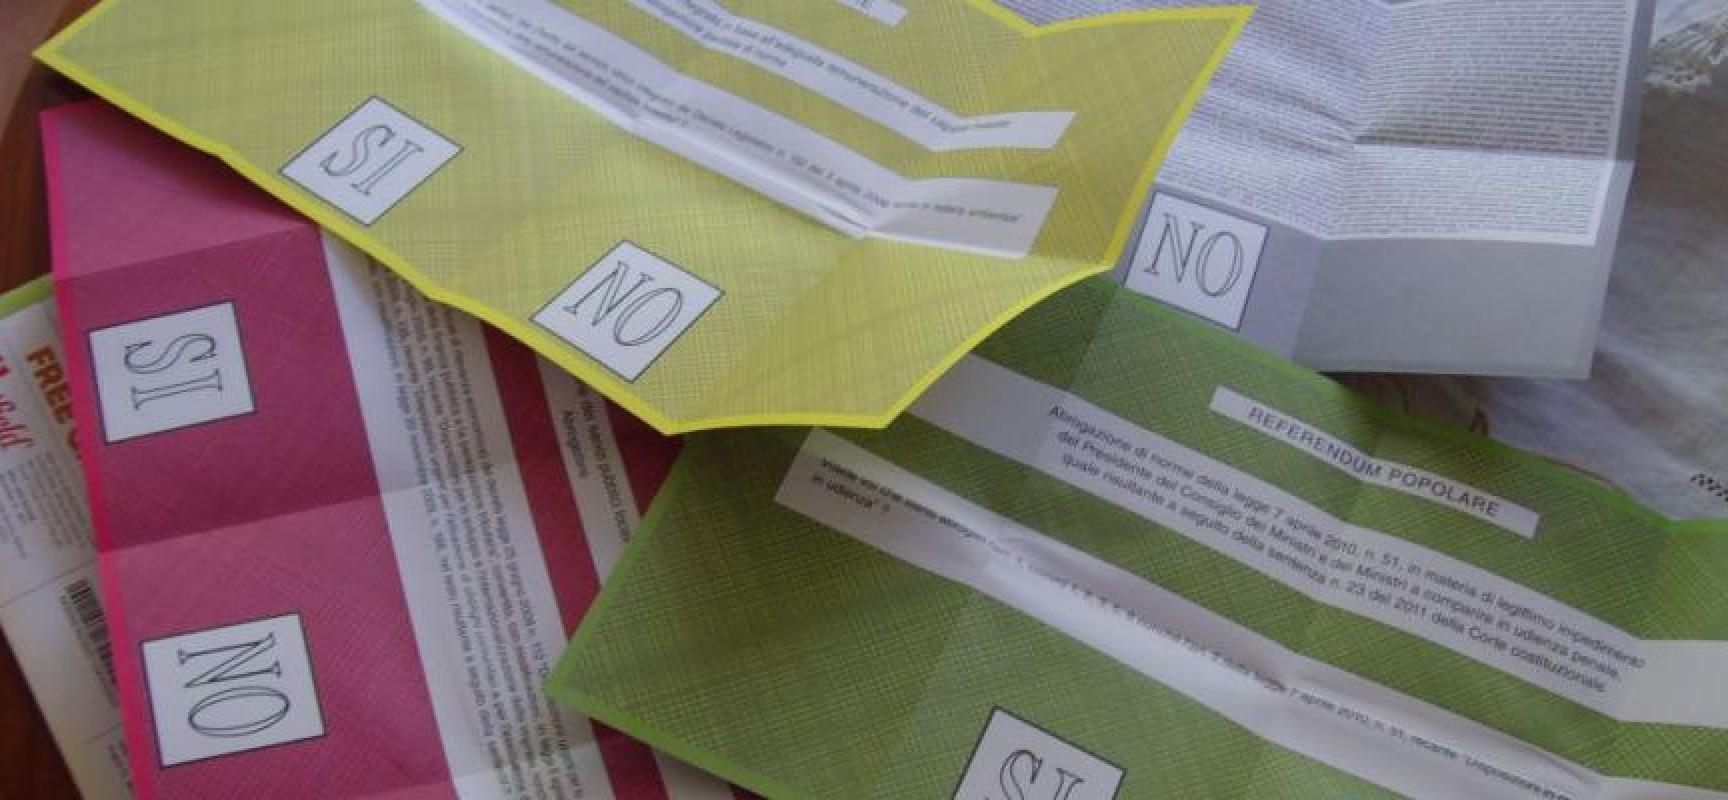 Referendum: non superato il quorum a livello nazionale, affluenza a Bisceglie del 39,5%